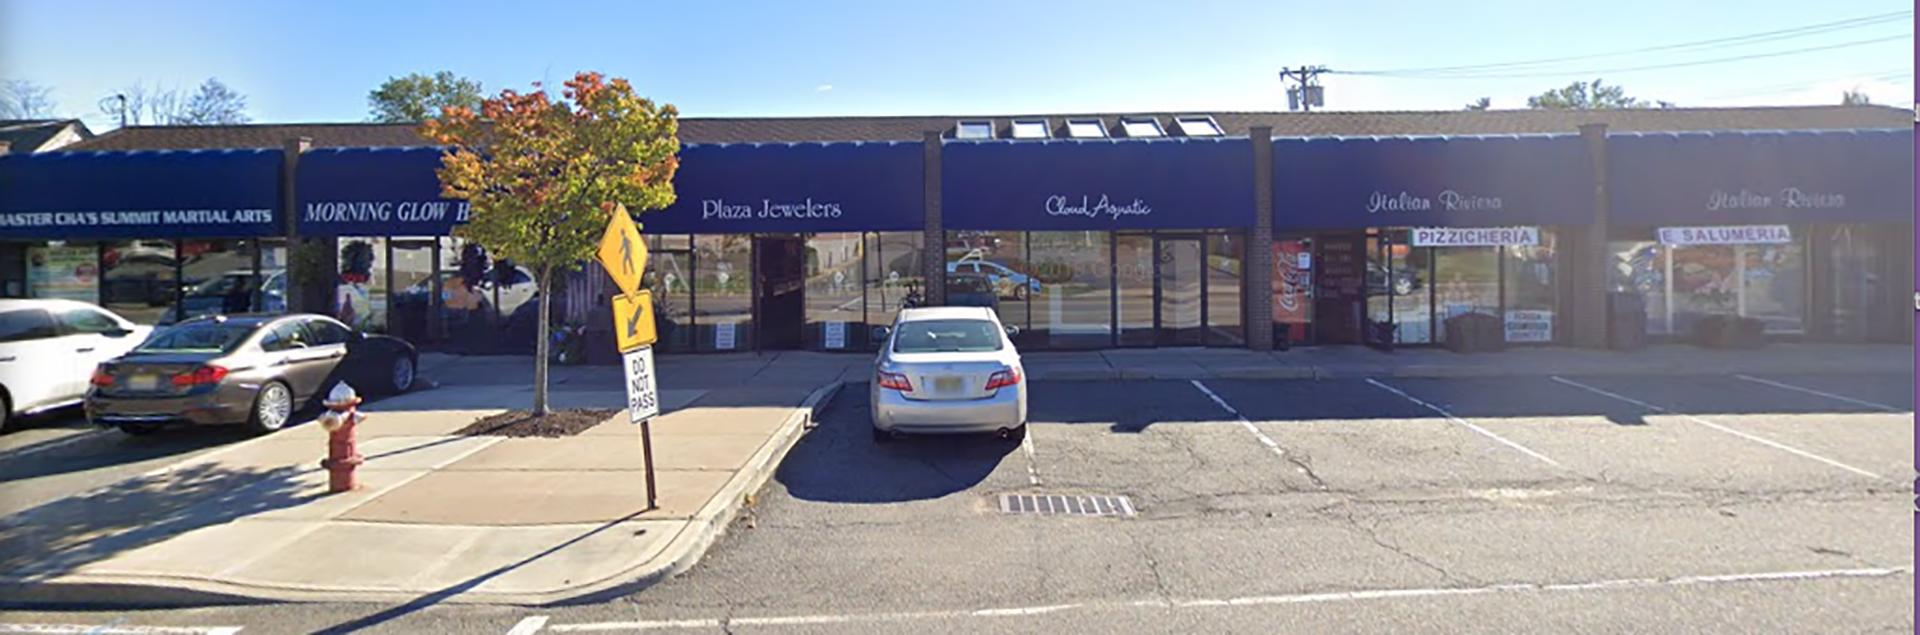 Plaza Jewelers location